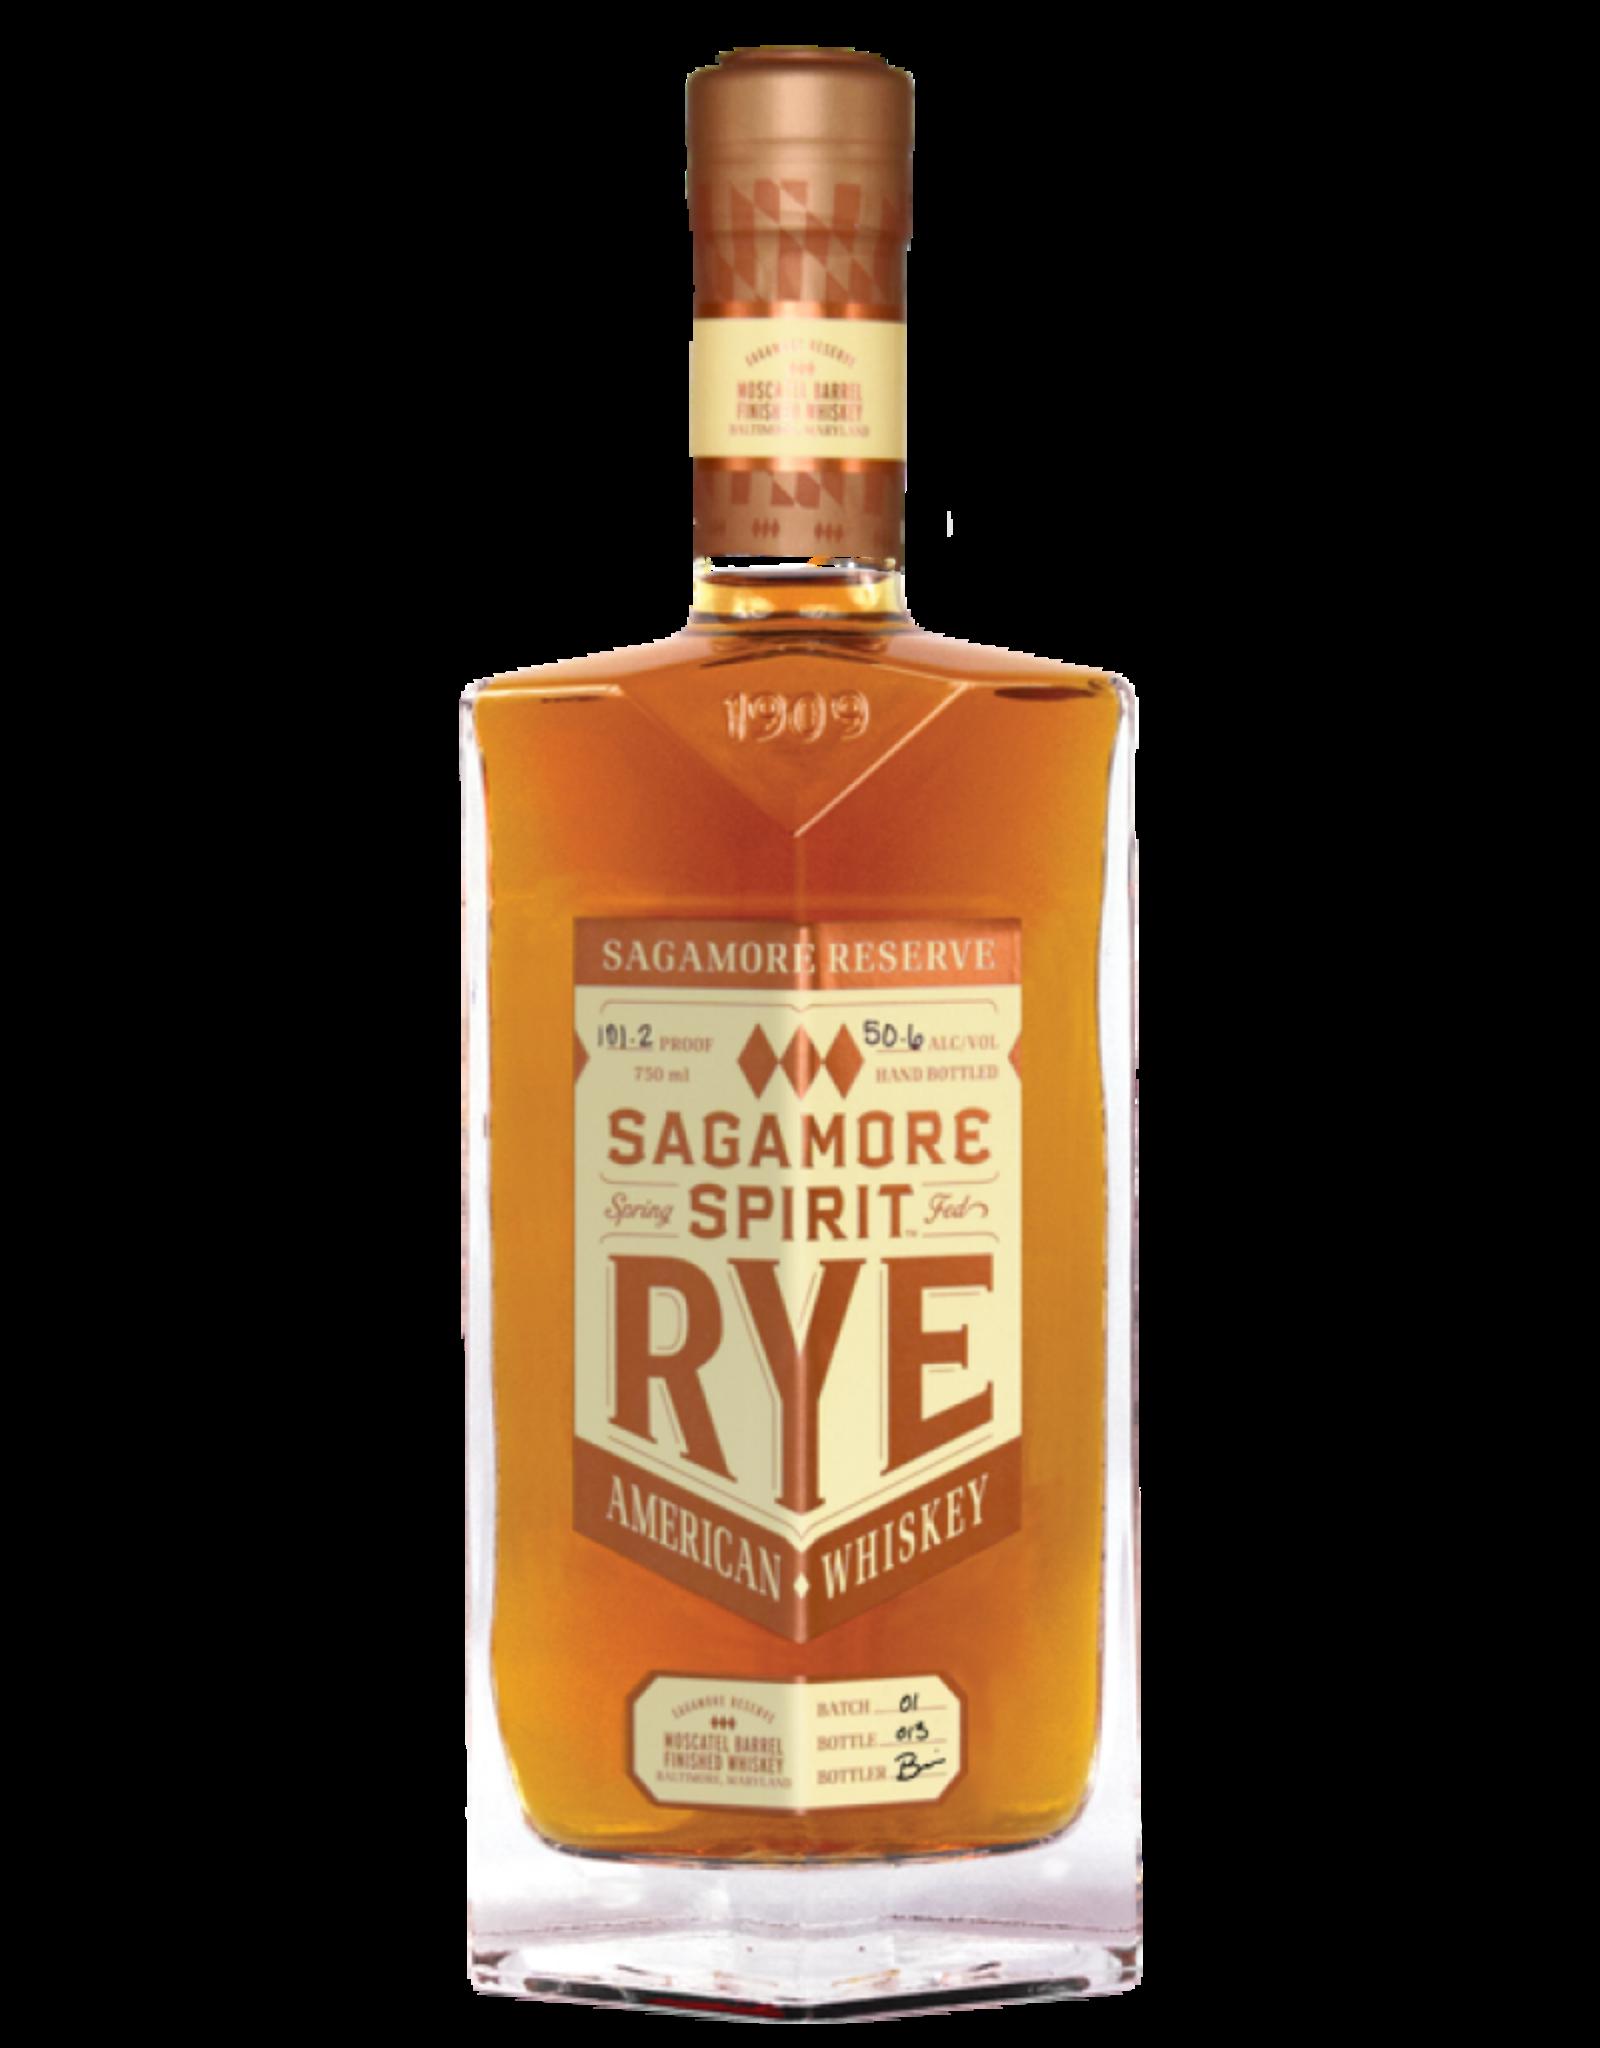 Sagamore Spirit Rye Moscatel Barrel Finished